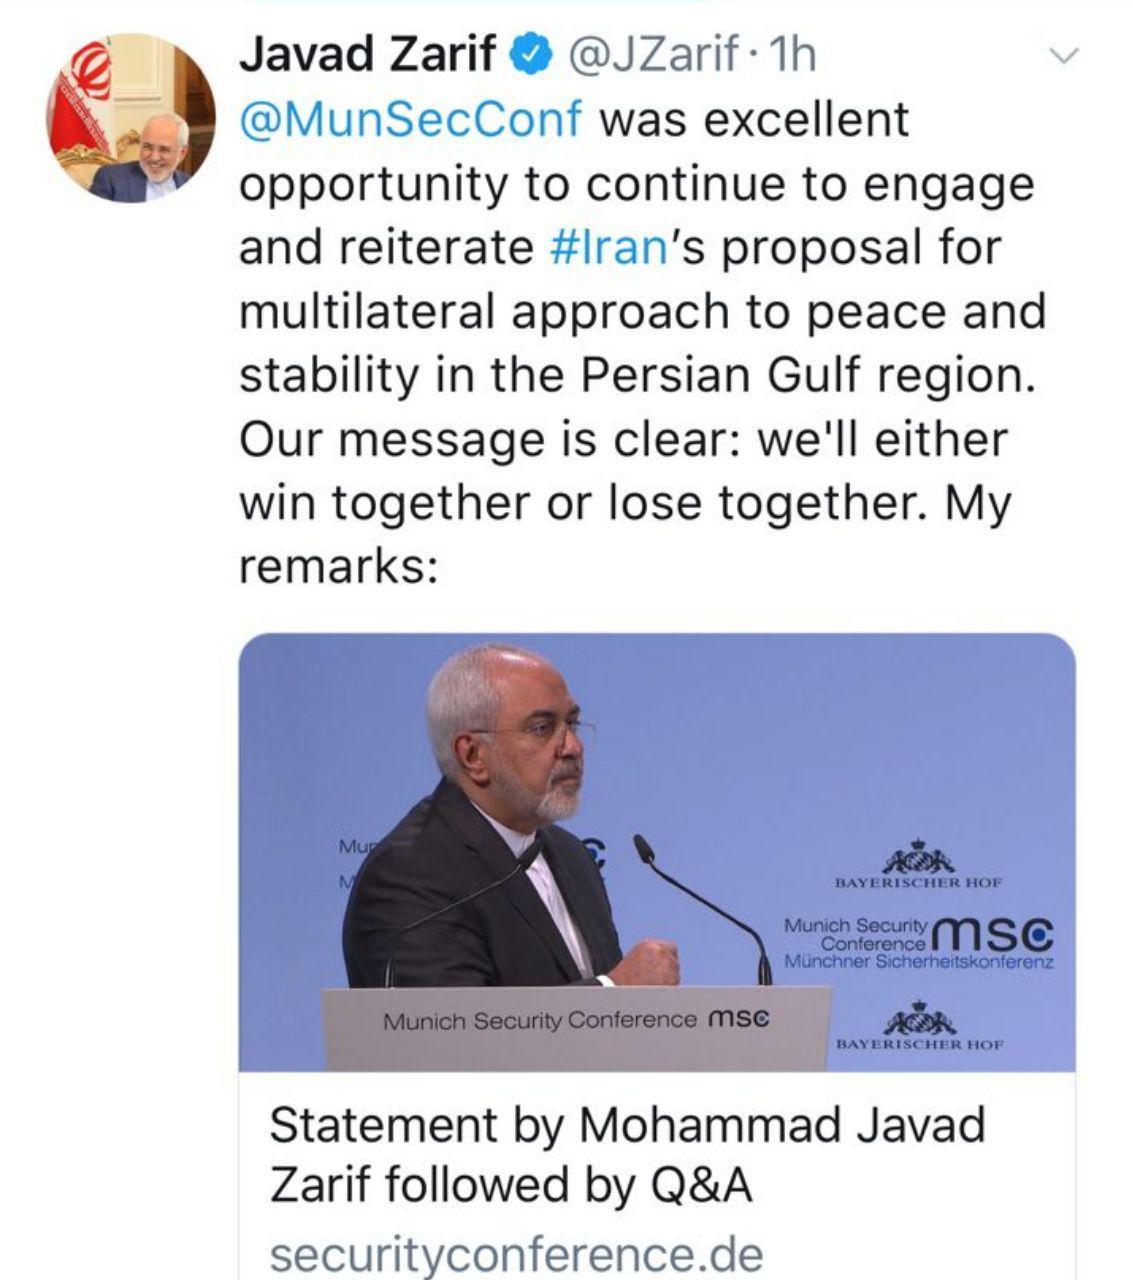 ظریف: اگر منافع ایران در برجام تامین نشود، پاسخ جدی می دهیم/ یا با هم میبریم، یا با هم میبازیم